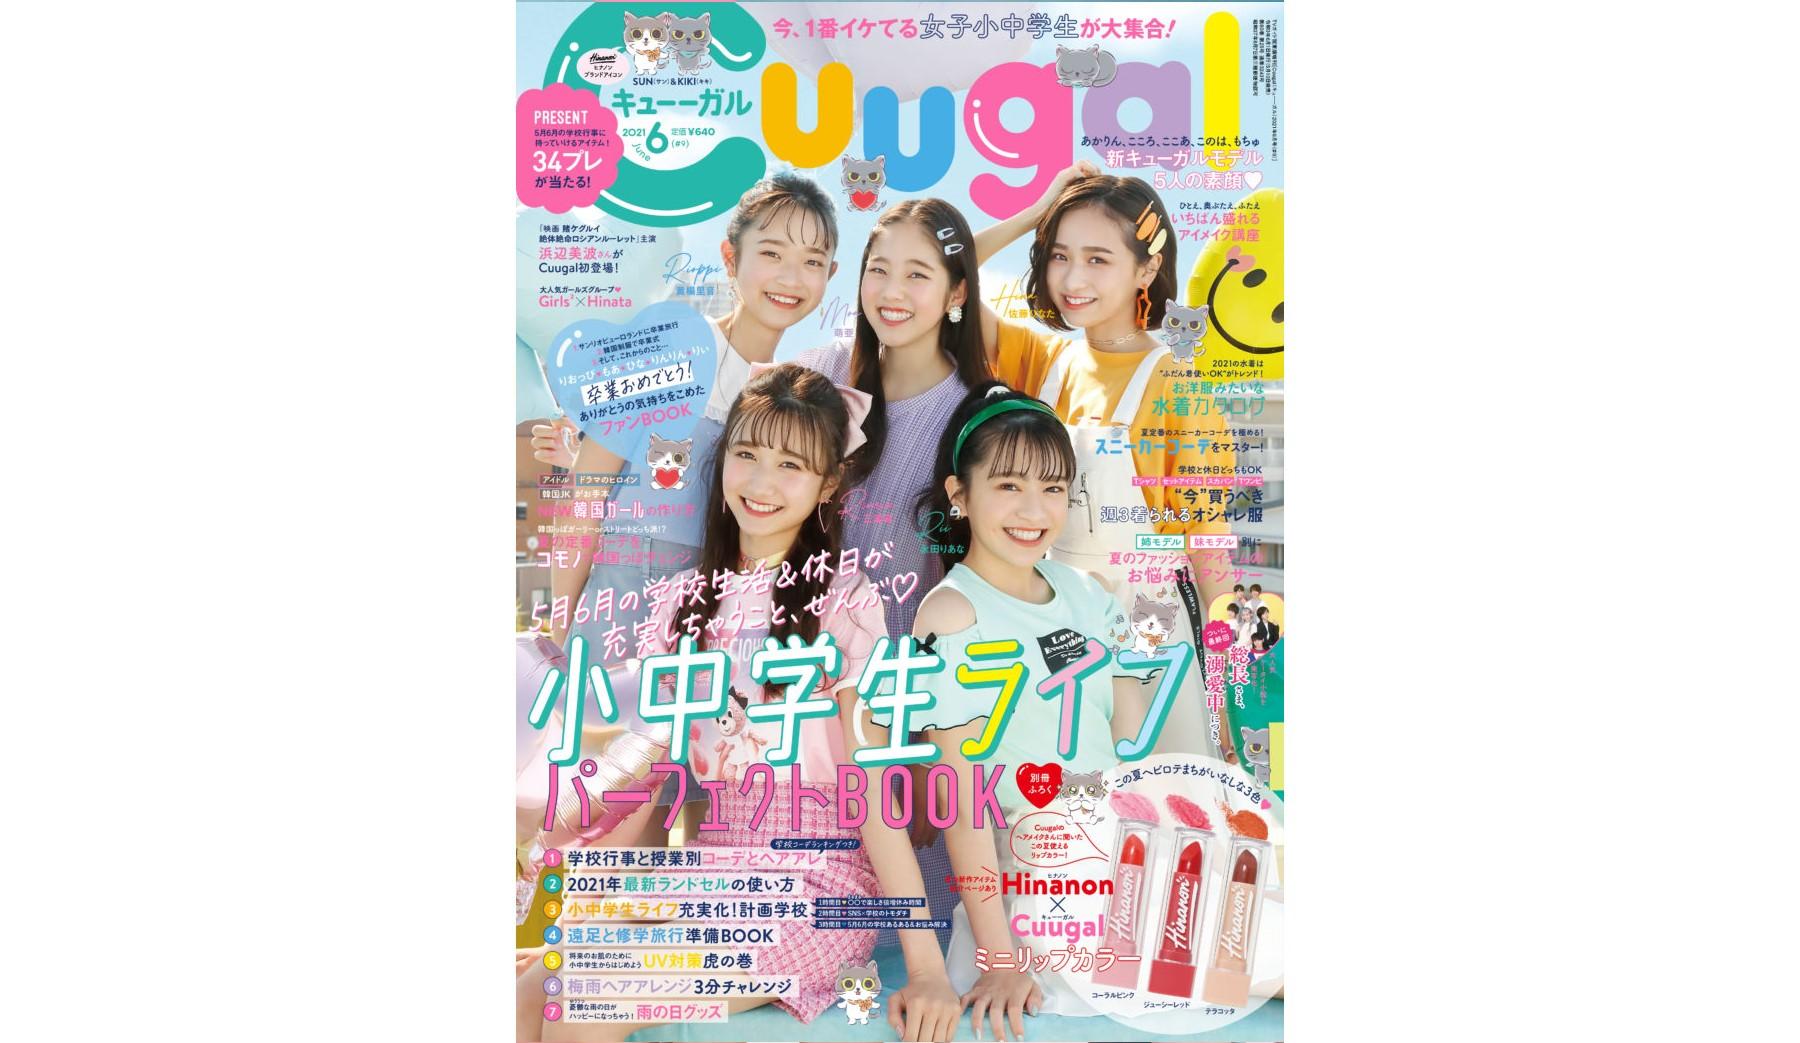 【メディア掲載情報】女子小中学生向け雑誌「Cuugal(キューーガル)」6月号にdevirock商品が掲載されました。